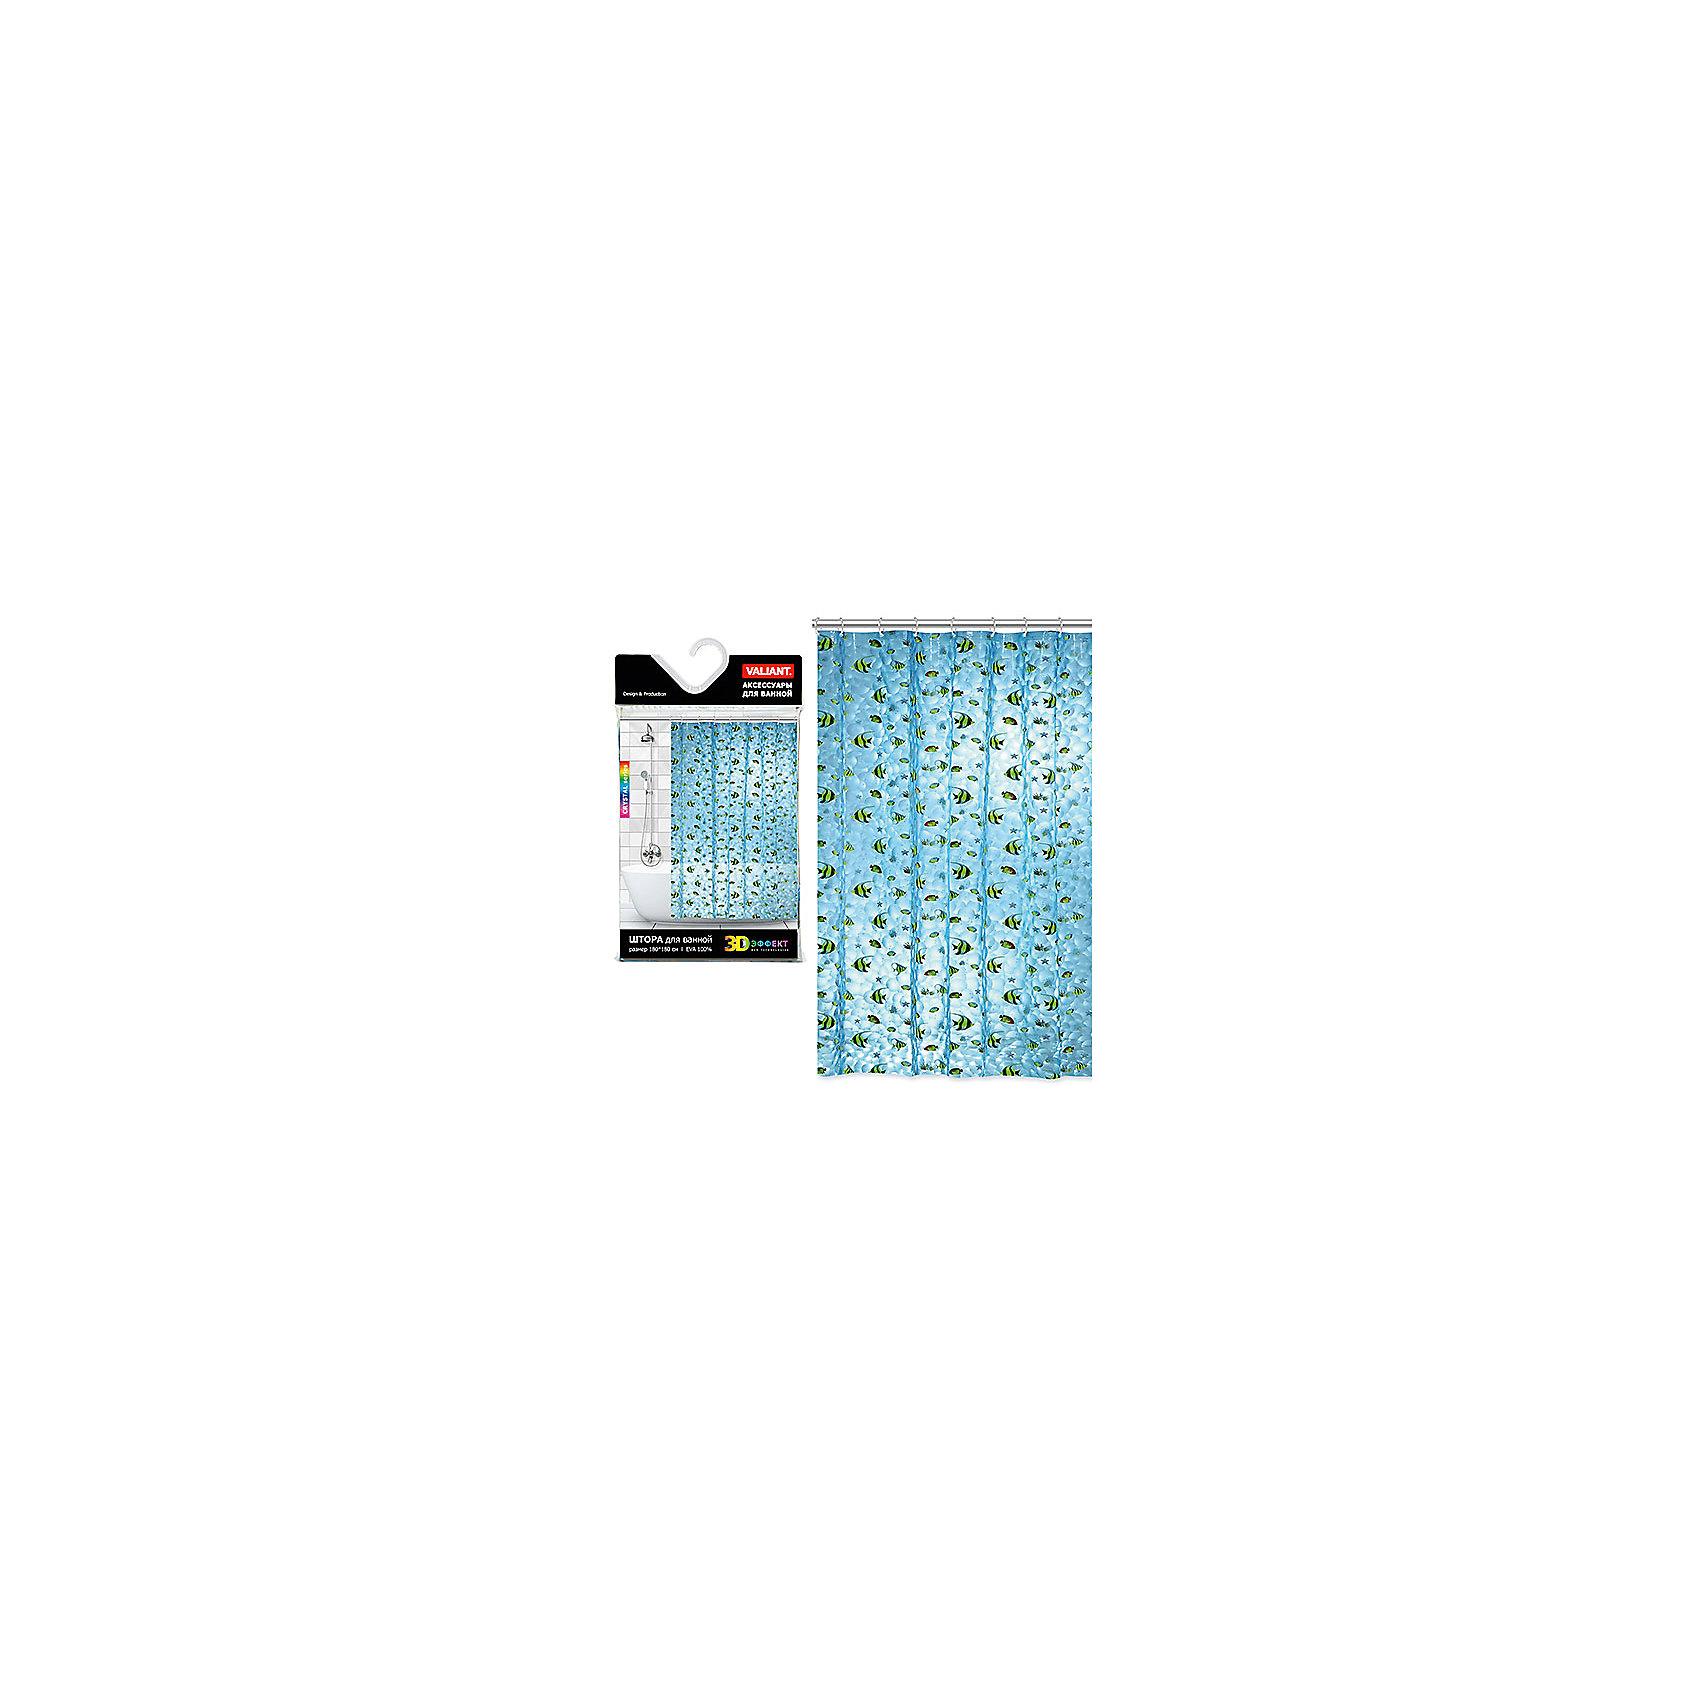 Штора для ванной, PEVA, 180*180 см, AQUARIUM, ValiantВанная комната<br>Штора для ванной, PEVA, 180*180 см, AQUARIUM, Valiant (Валиант) - эта уникальная полупрозрачная штора украсит интерьер ванной комнаты.<br>Яркая штора AQUARIUM от Valiant (Валиант) с завораживающим кристаллическим эффектом (3D-эффектом) способна преобразить ванную комнату. Она создает ощущения присутствия в большом аквариуме, в котором плавают маленькие рыбки. Благодаря 3D-эффекту штора переливается как морская вода, создавая ощущения отдыха у теплого моря. Штора легко крепится на прозрачные пластиковые кольца. Высококачественный полимерный материал обладает повышенными водоотталкивающими свойствами, устойчив к воздействию, света и влаги, приятен на ощупь. Края отверстий для подвеса выполнены из пластика, что идеально для влажной среды ванной комнаты.<br><br>Дополнительная информация:<br><br>- В комплекте: штора, 12 колец<br>- Размер: 180х180 см.<br>- Материал: PEVA<br>- Водоотталкивающие свойства: 100%<br>- Рекомендации по уходу: для удаления мыльного налёта просто протрите штору мягкой влажной губкой. Для чистки сильных загрязнений применяйте мягкие моющие средства. Не рекомендуется использовать растворяющие моющие средства<br><br>Штору для ванной, PEVA, 180*180 см, AQUARIUM, Valiant (Валиант) можно купить в нашем интернет-магазине.<br><br>Ширина мм: 200<br>Глубина мм: 30<br>Высота мм: 350<br>Вес г: 445<br>Возраст от месяцев: 36<br>Возраст до месяцев: 216<br>Пол: Унисекс<br>Возраст: Детский<br>SKU: 4993398